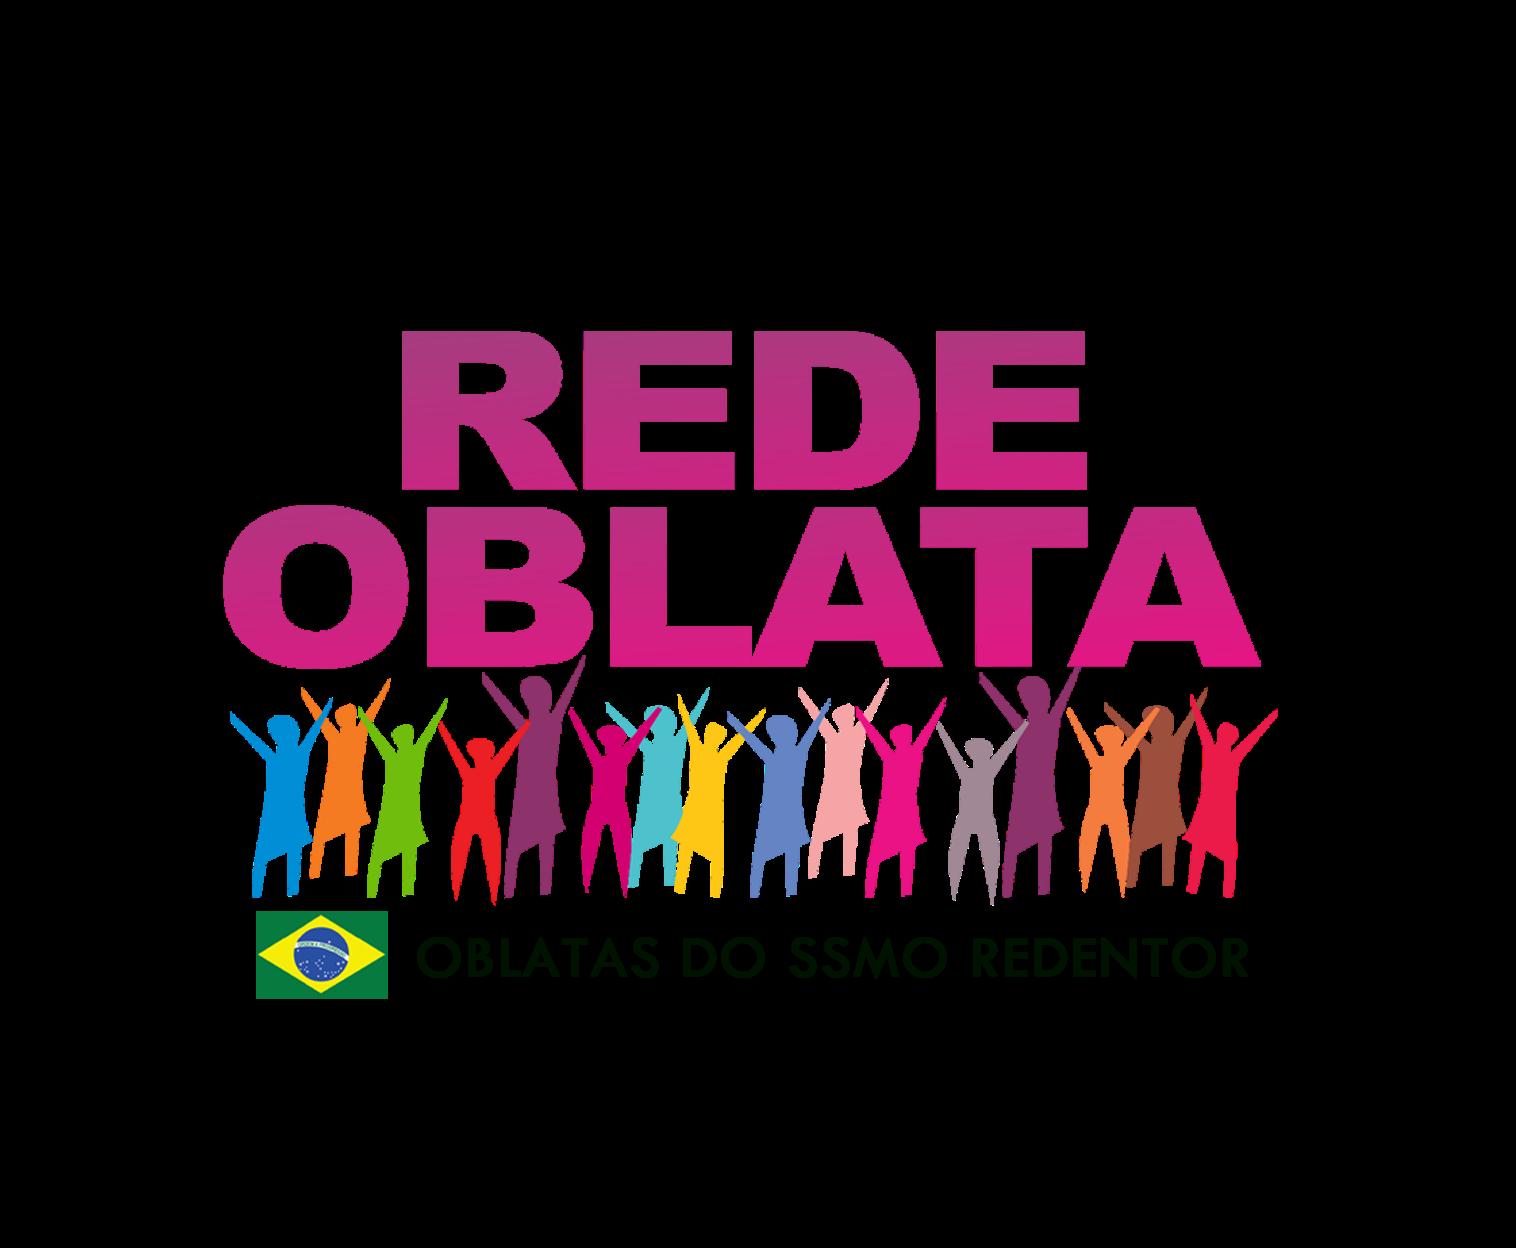 OBLATAS BRASIL